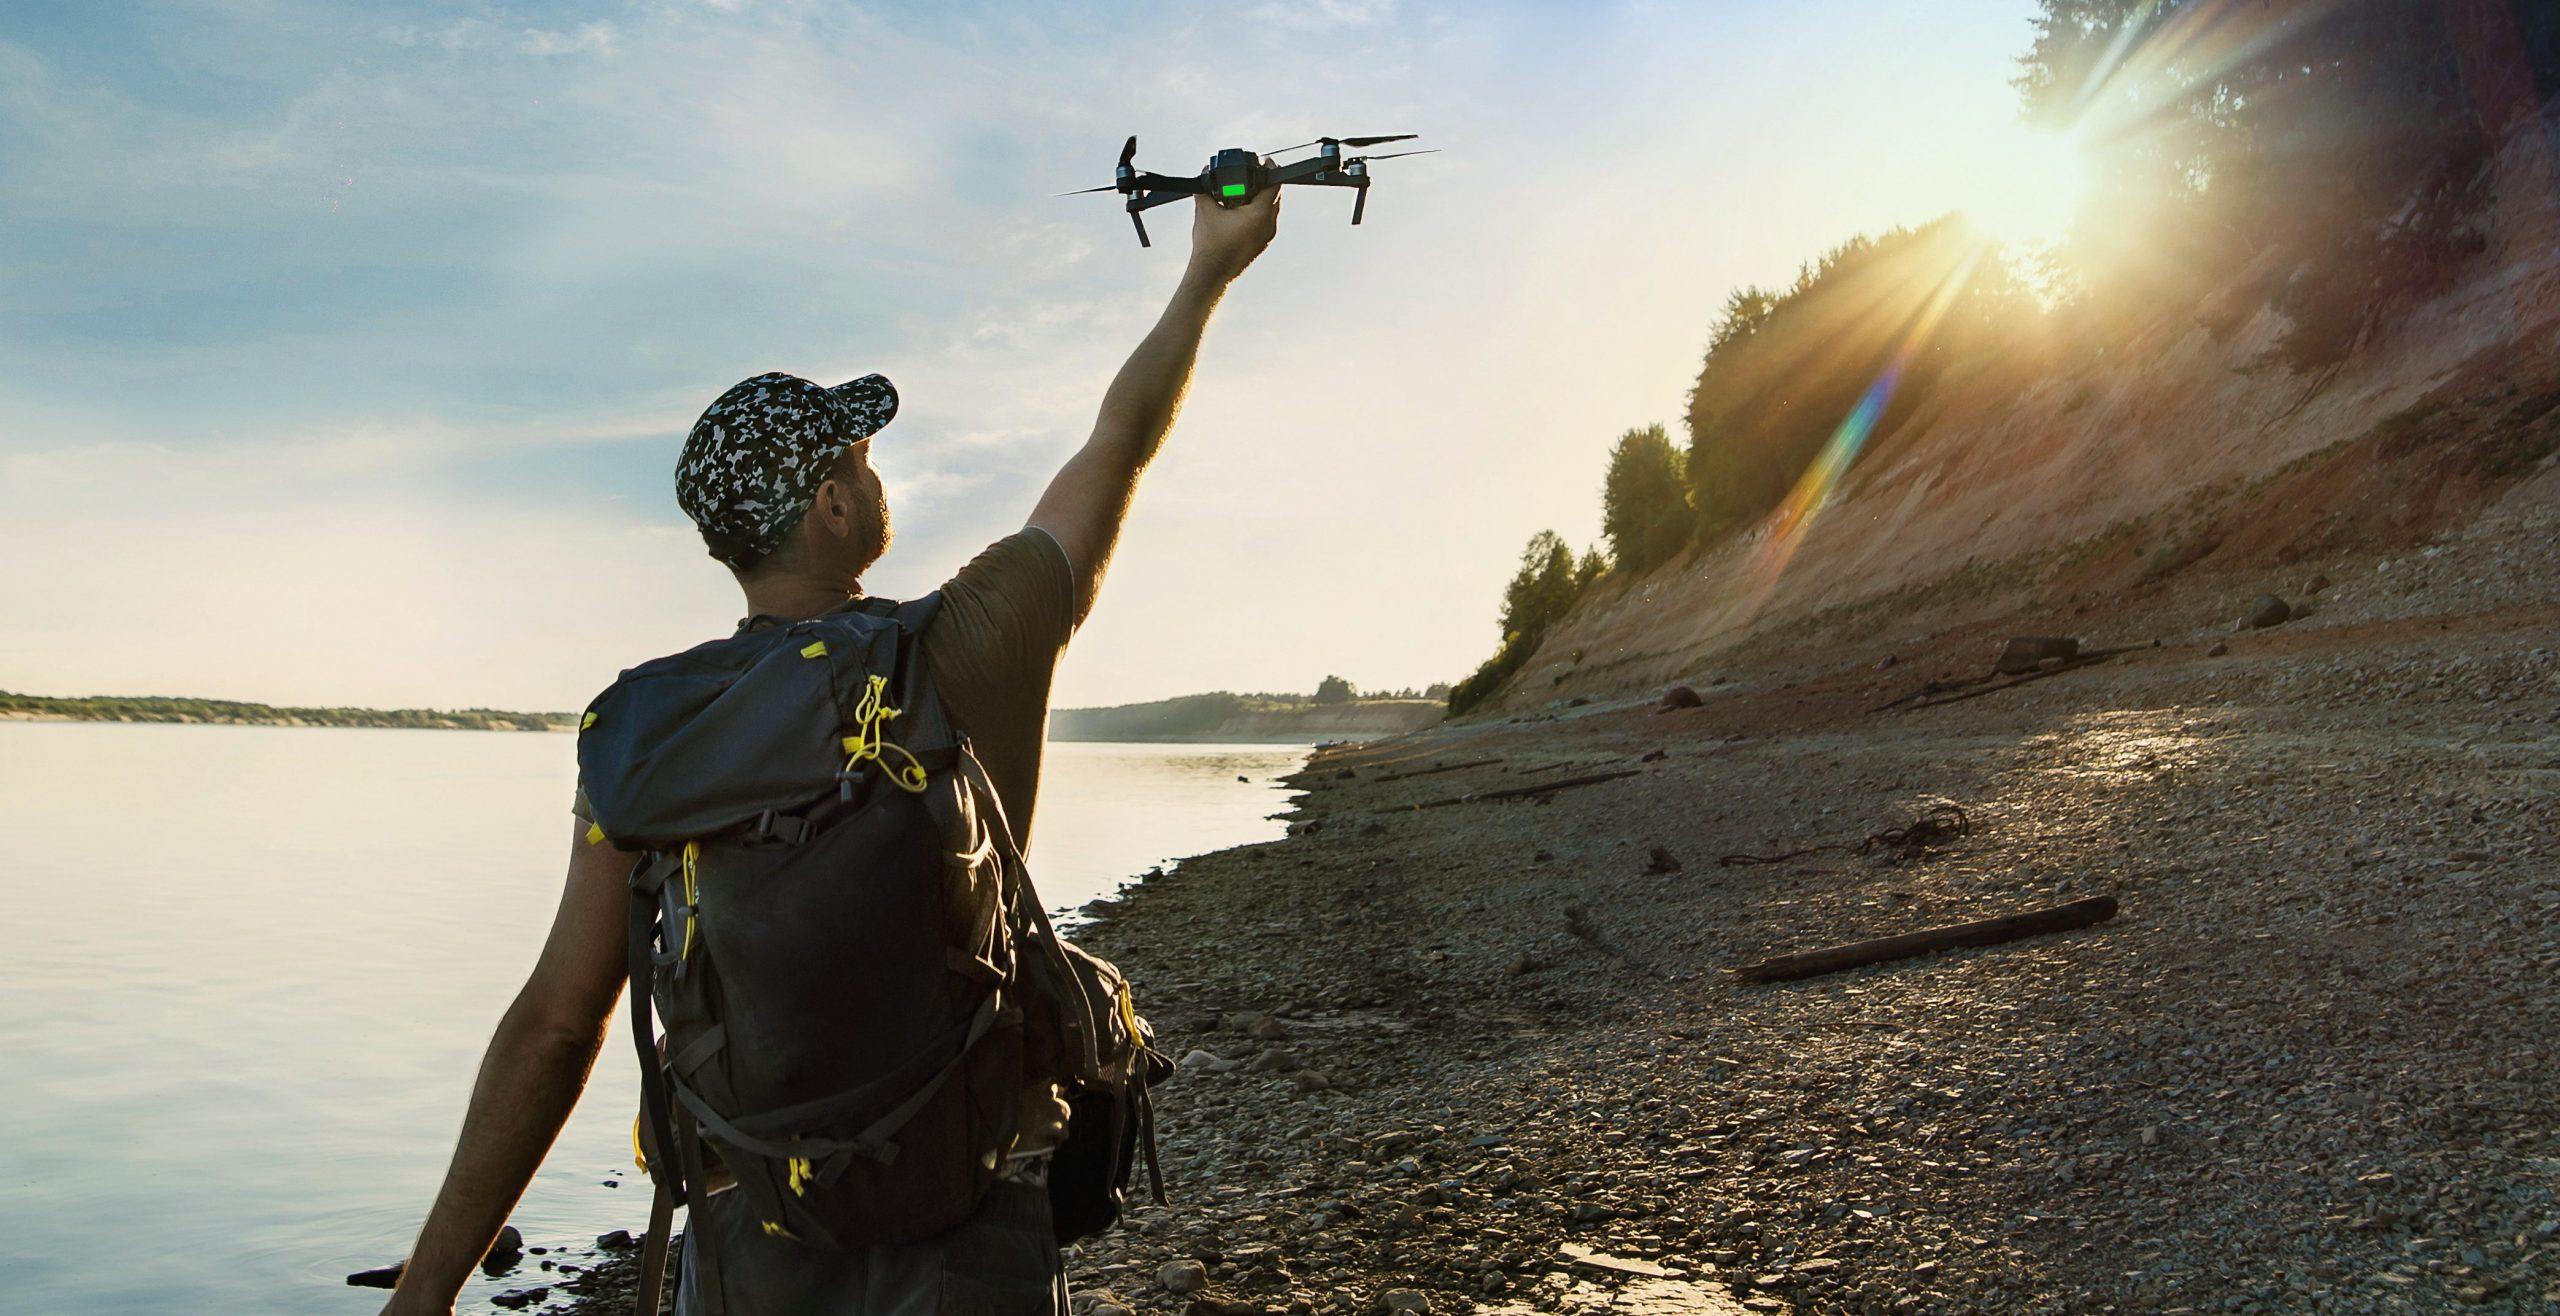 4K camera drones